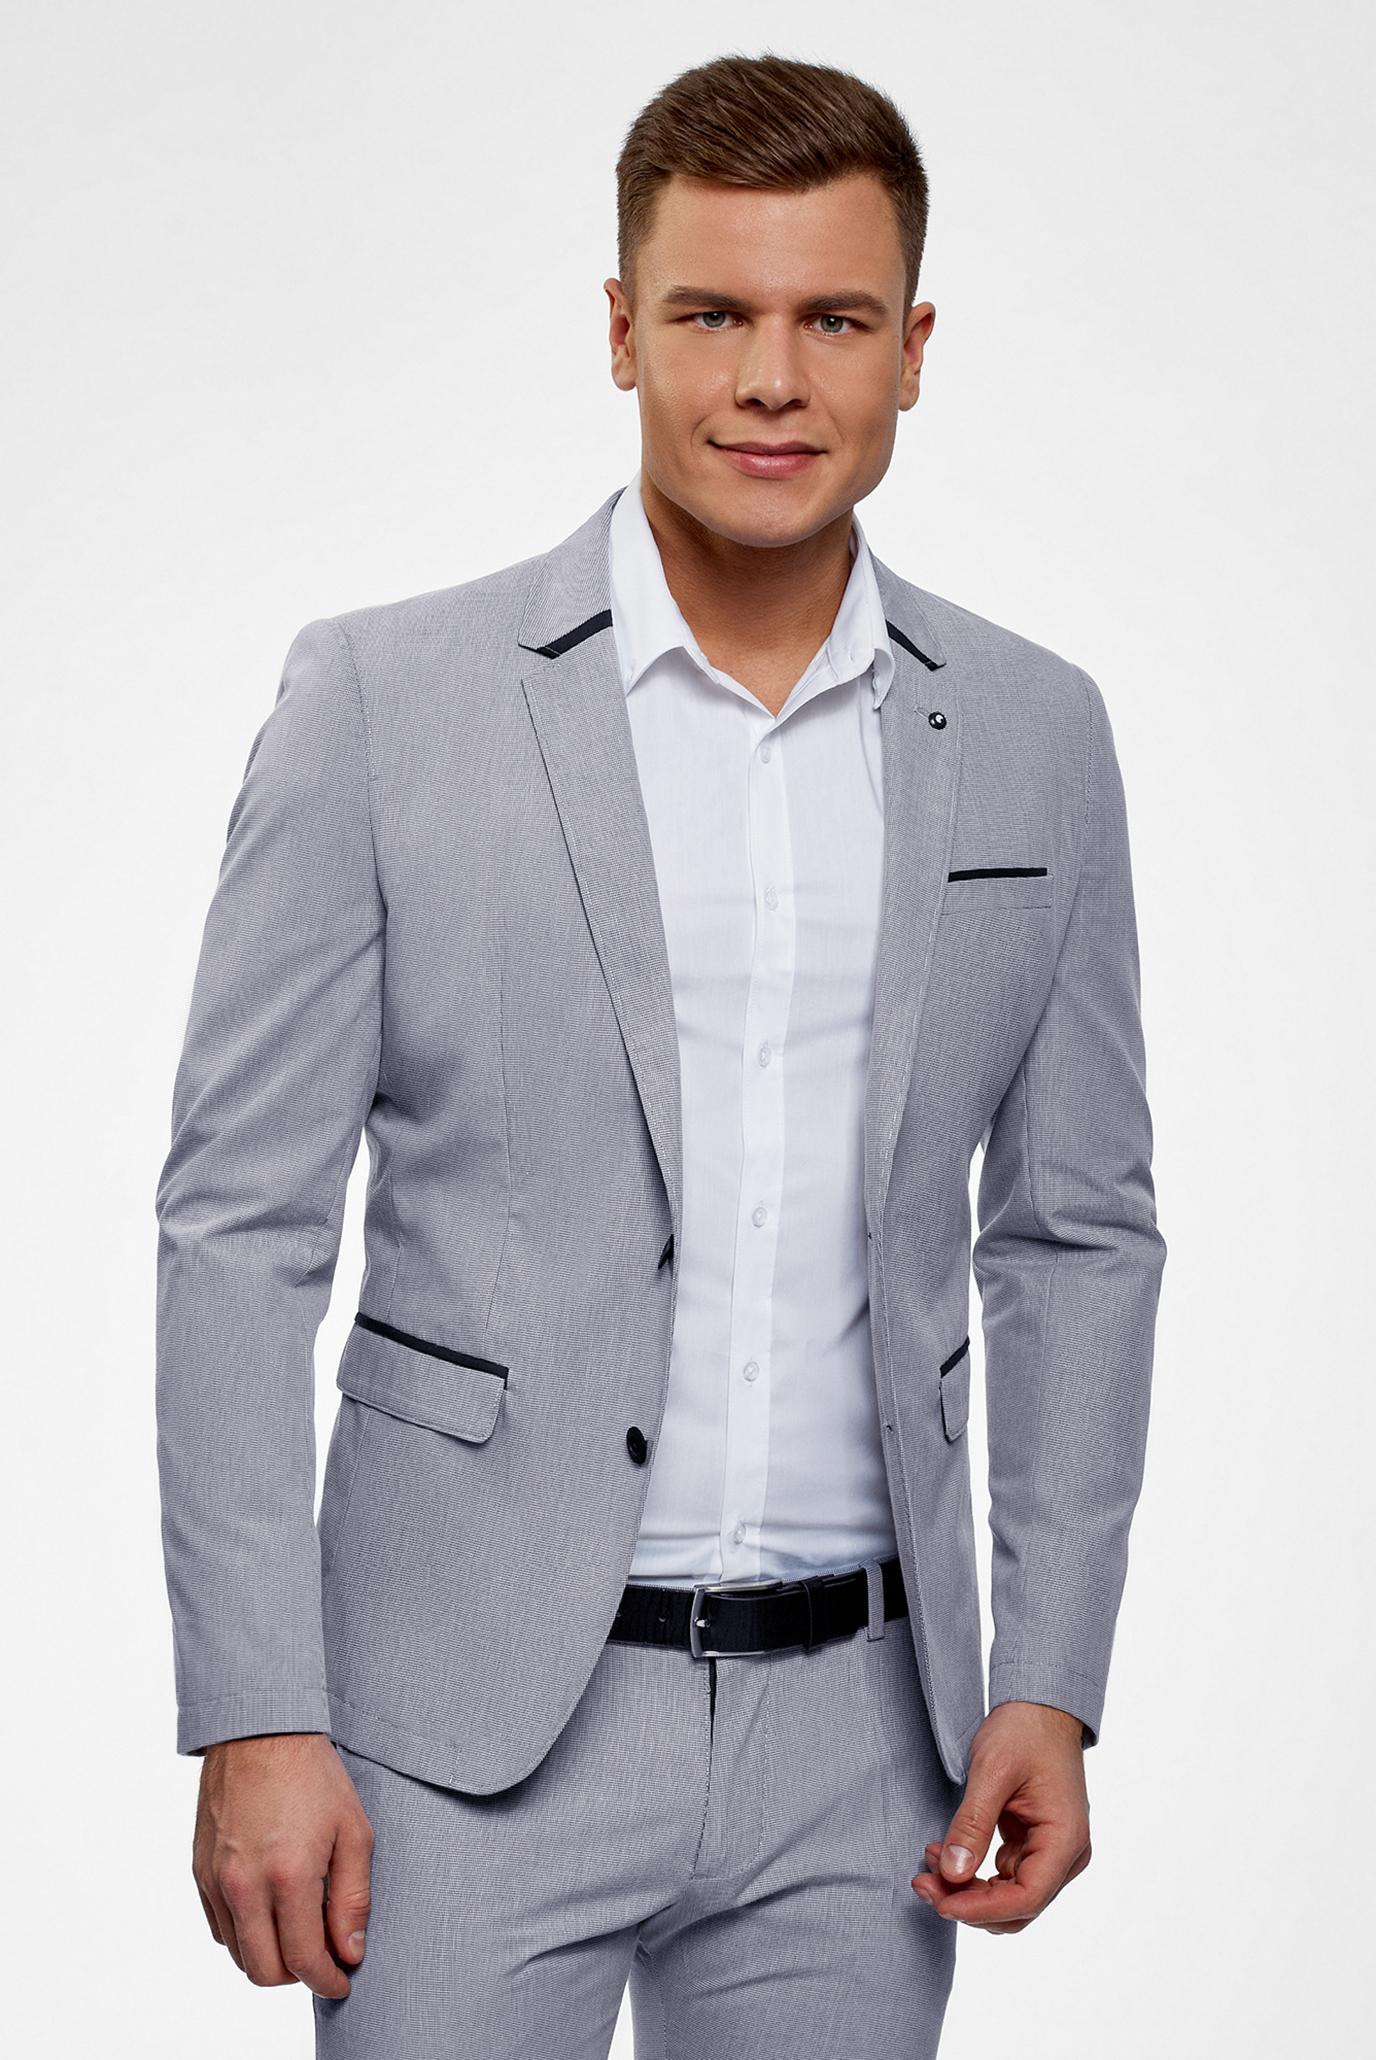 Купить Мужской серый пиджак Oodji Oodji 2L420224M/48093N/7910C – Киев, Украина. Цены в интернет магазине MD Fashion